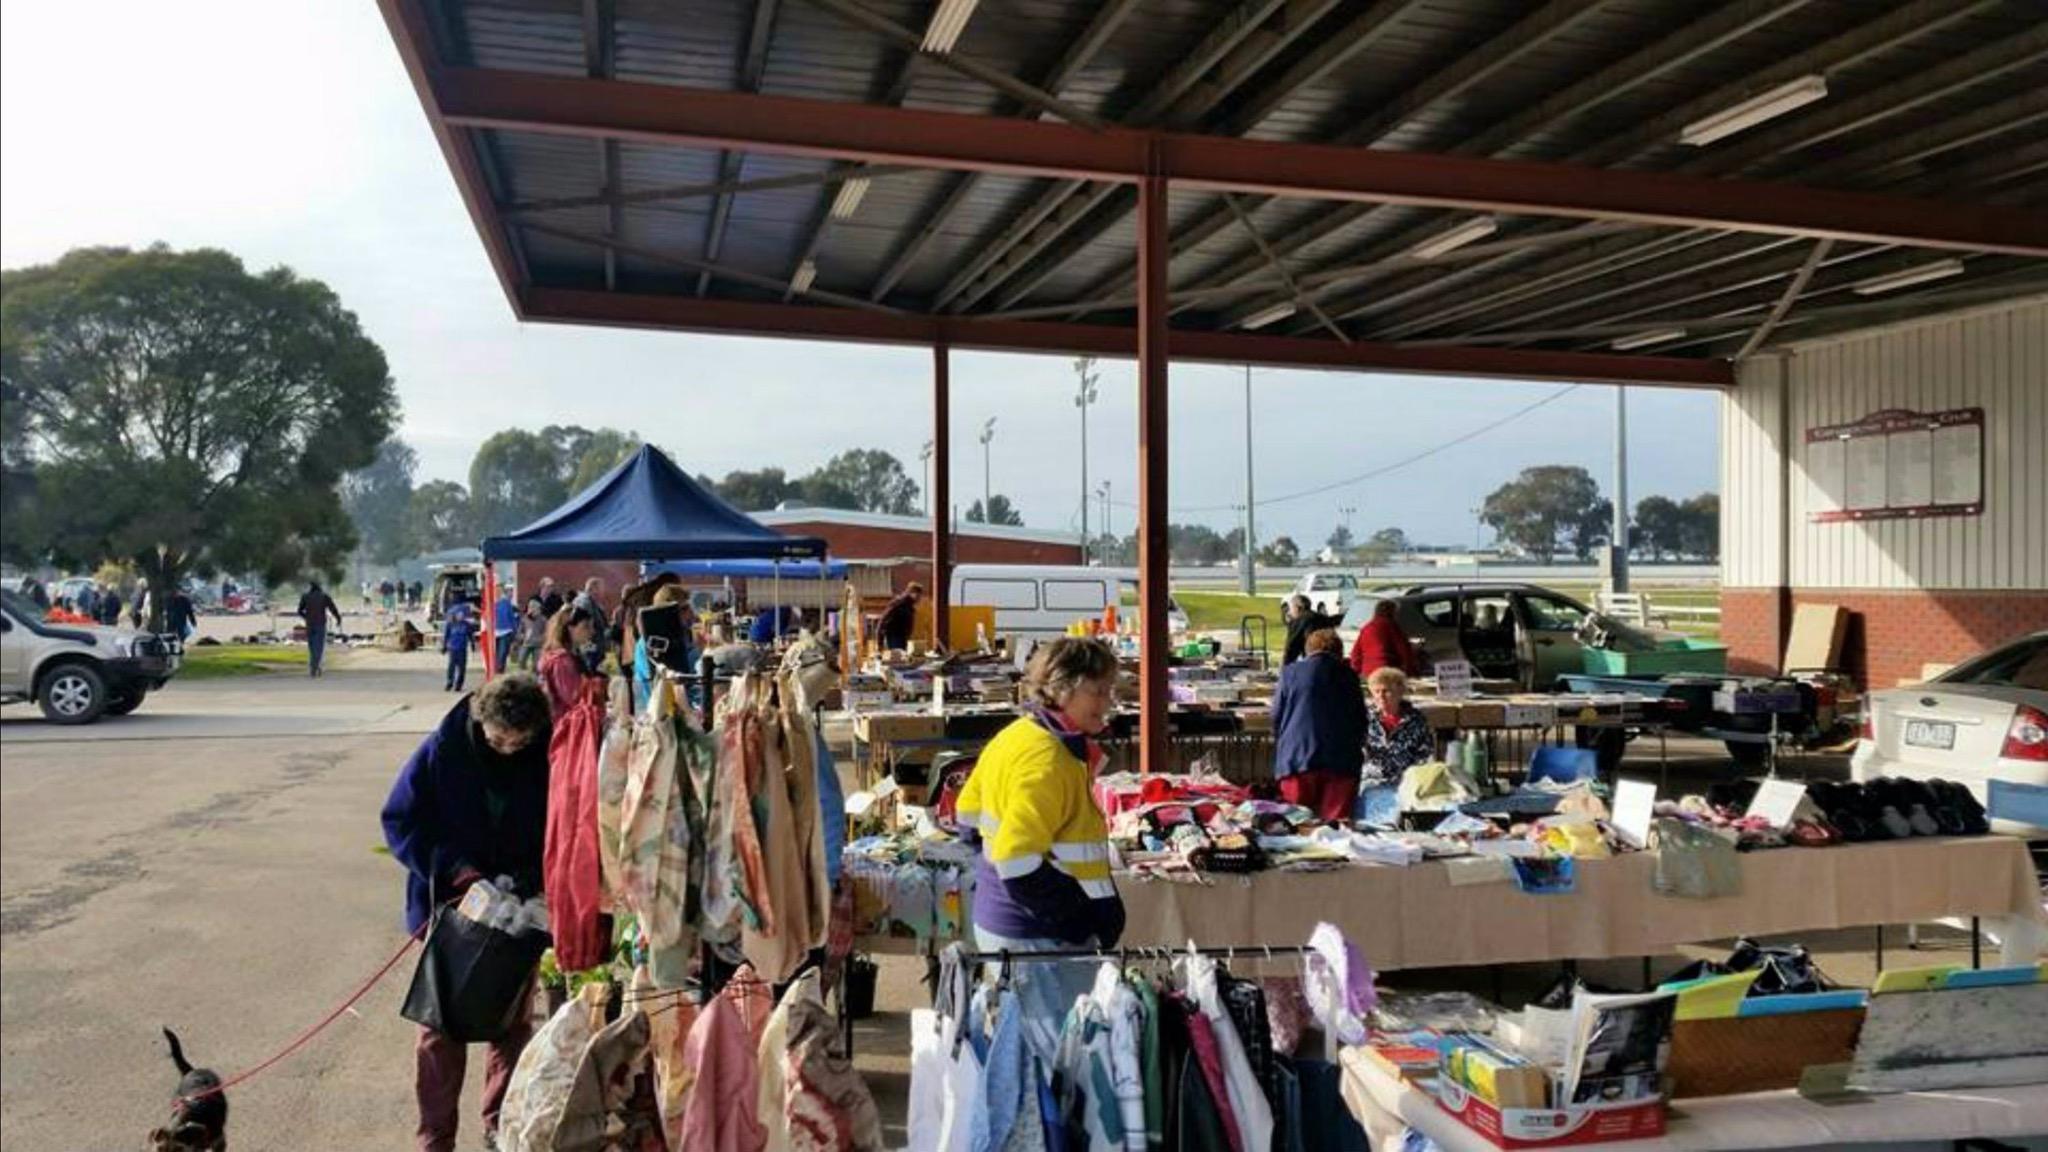 Wangaratta Community Market